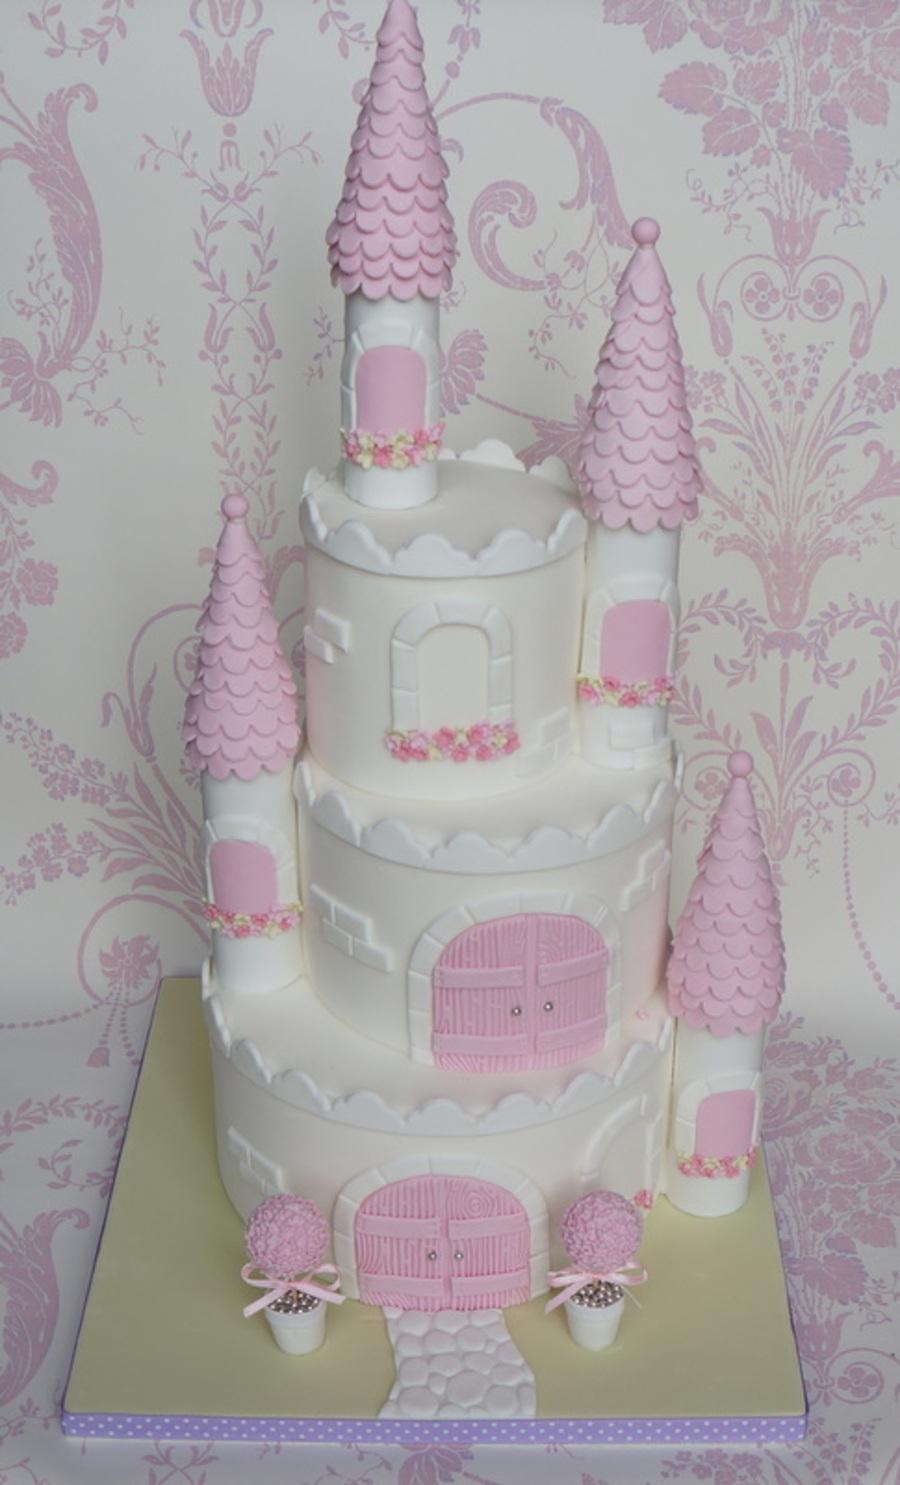 Princess Castle Cake Cakecentral Com